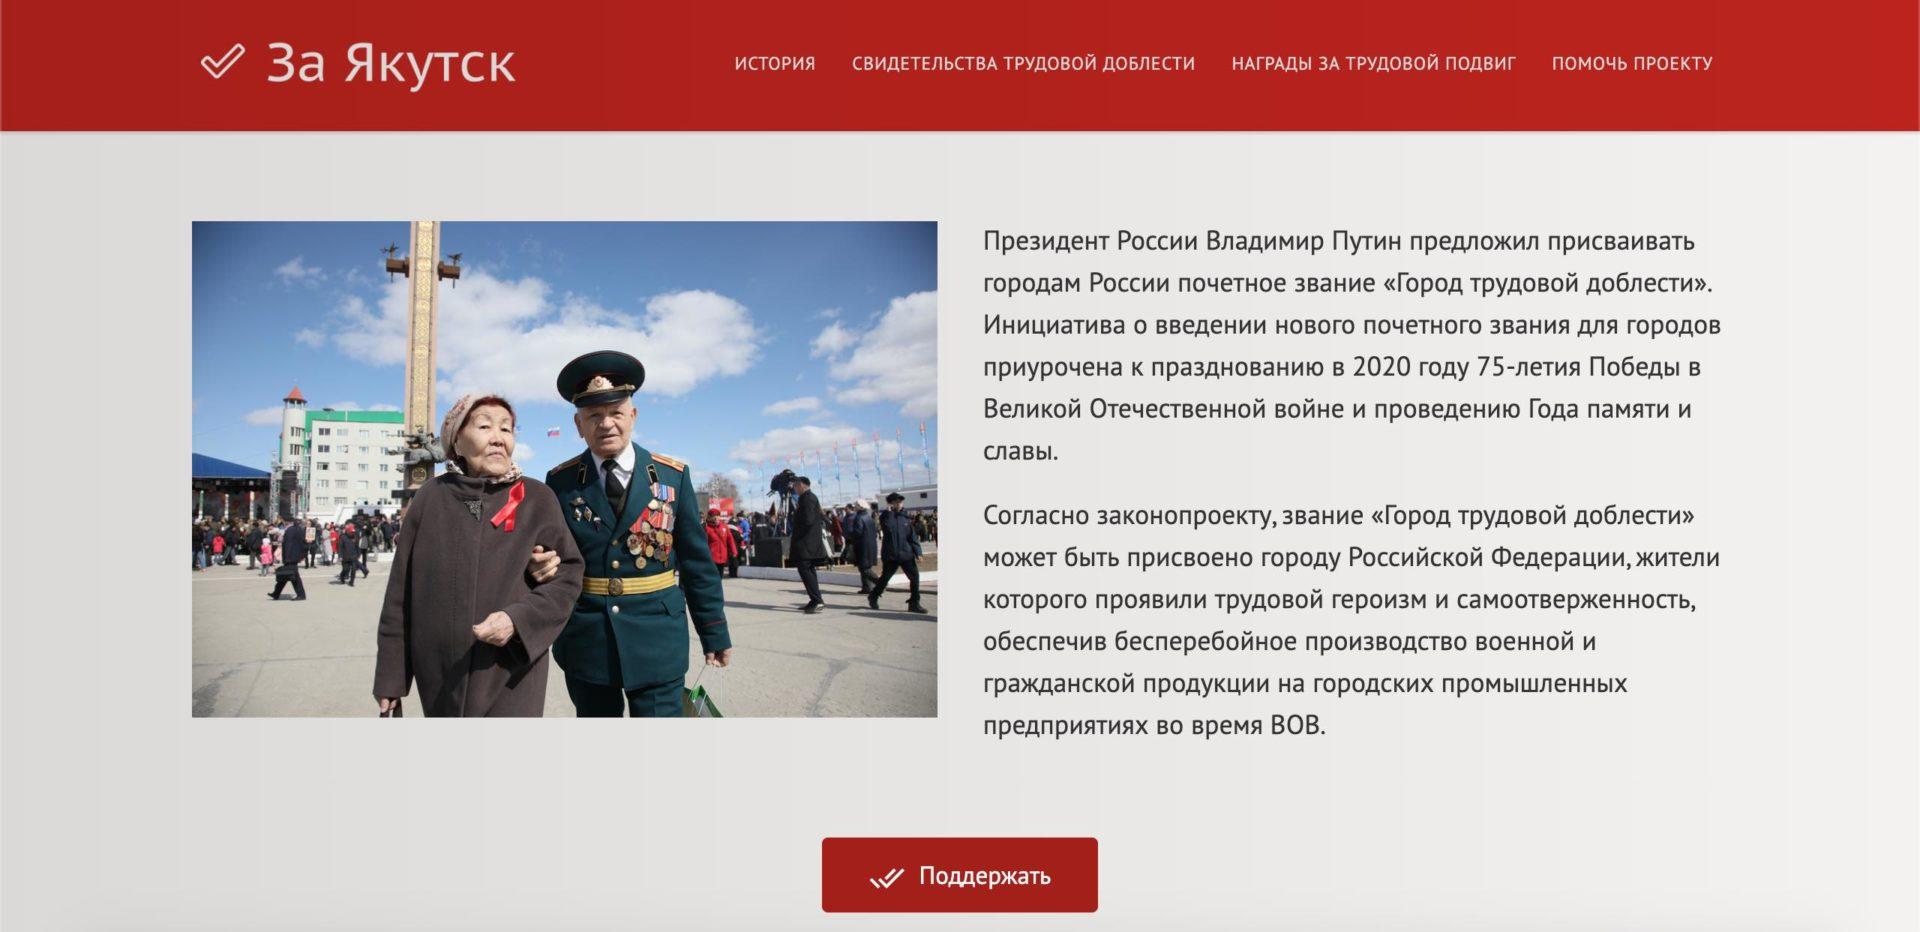 Горожан призывают помочь в сборе данных о трудовой доблести якутян во время Великой Отечественной войны